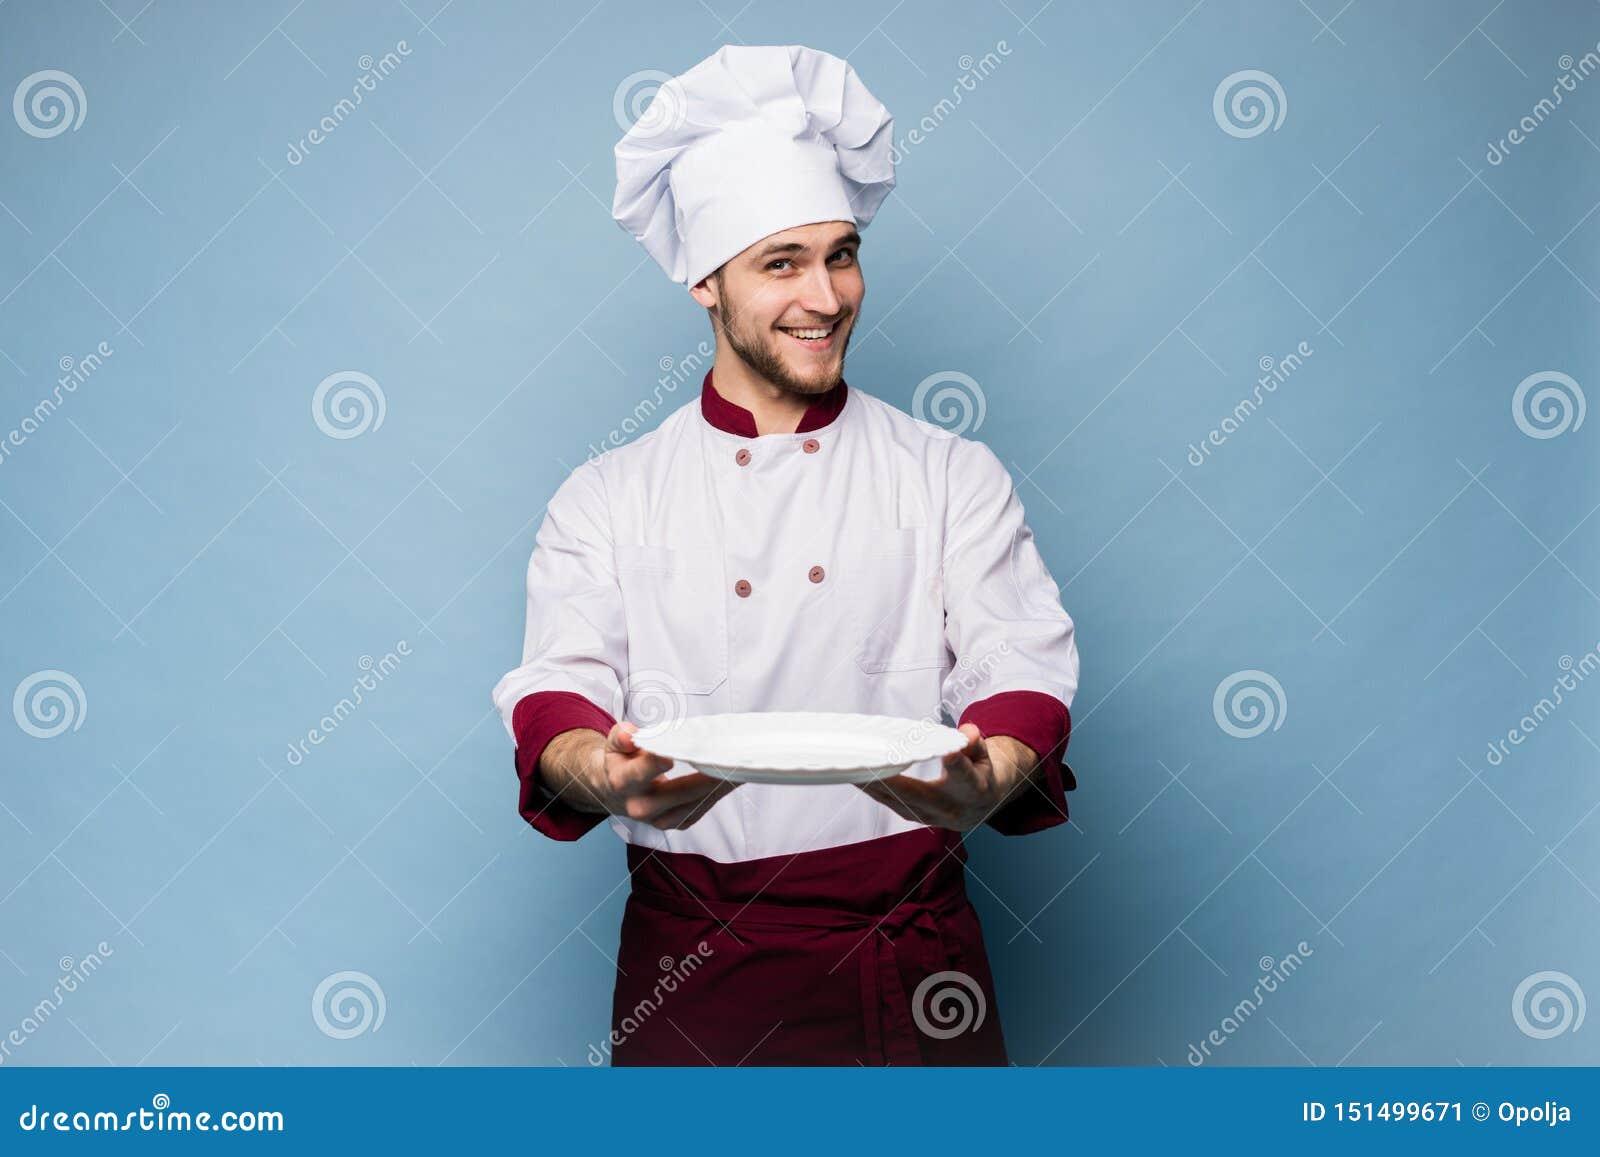 Stående av ett lyckligt manligt kockkockanseende med plattan som isoleras på ljust - blå bakgrund